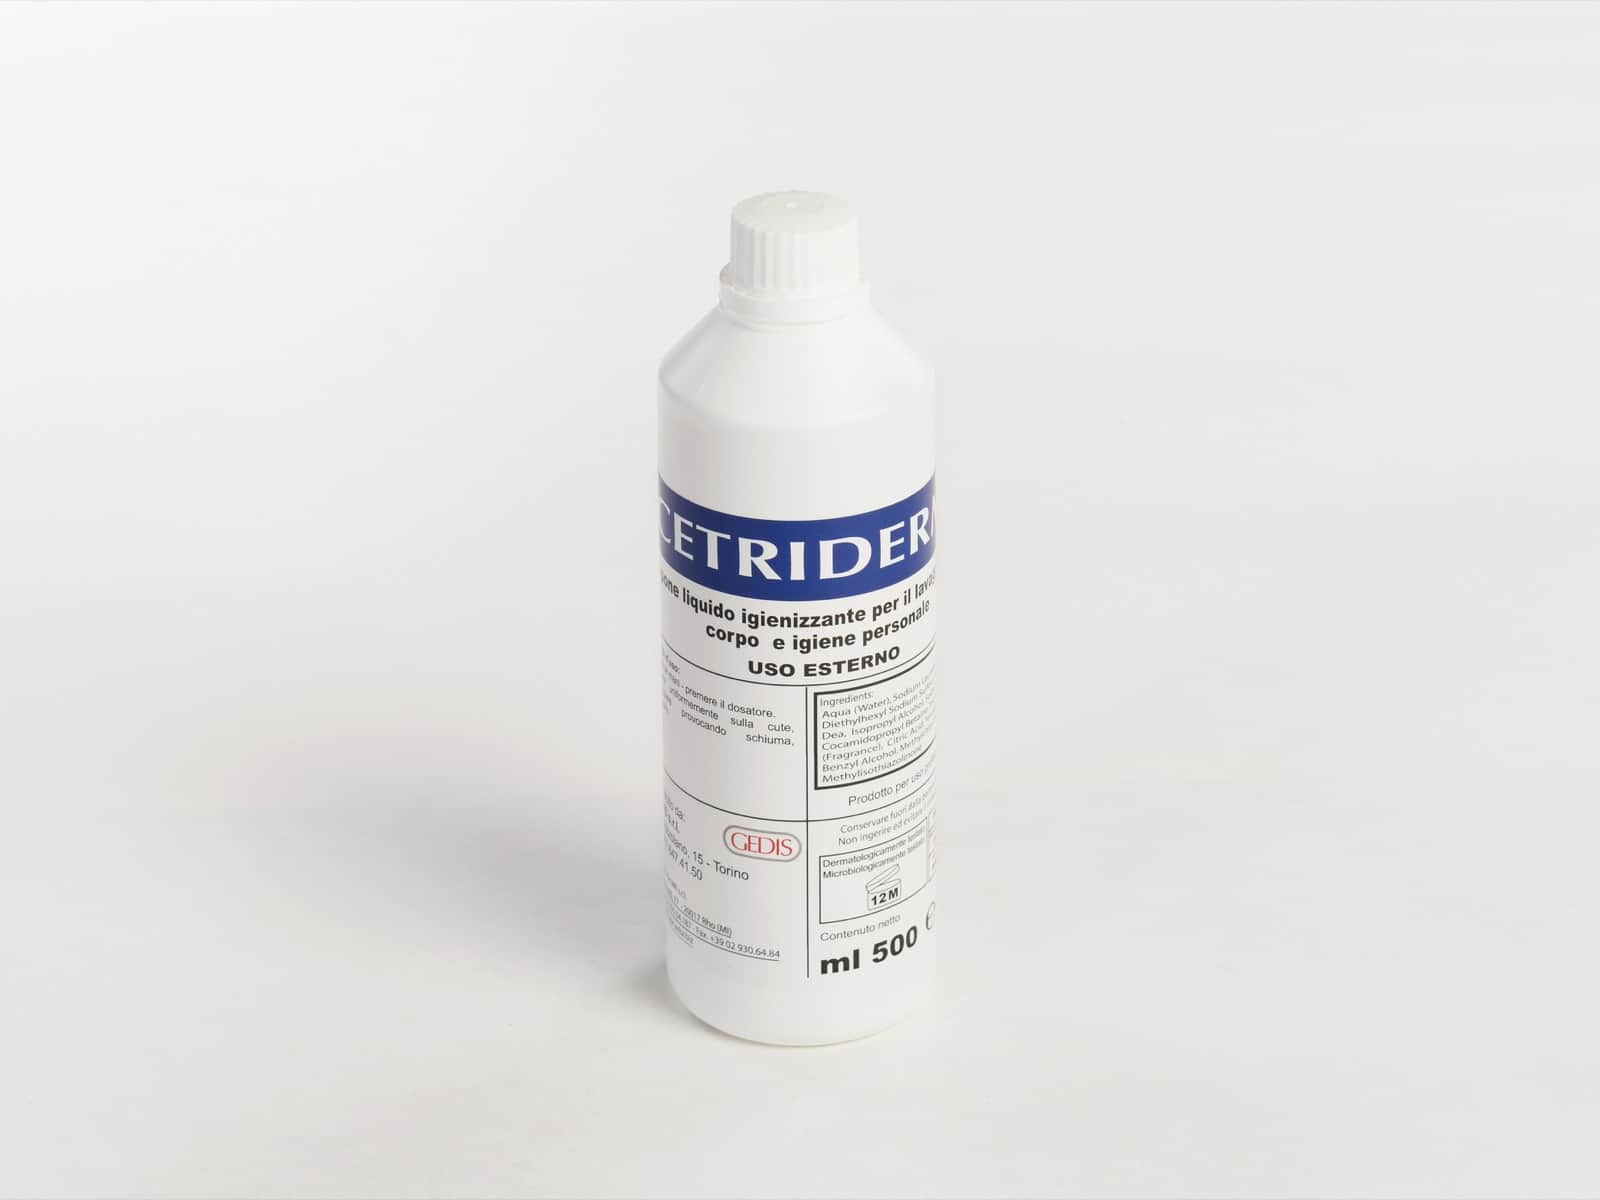 Gedis Cetriderm sapone liquido 500ml - Defir detergenti Moncalieri Torino